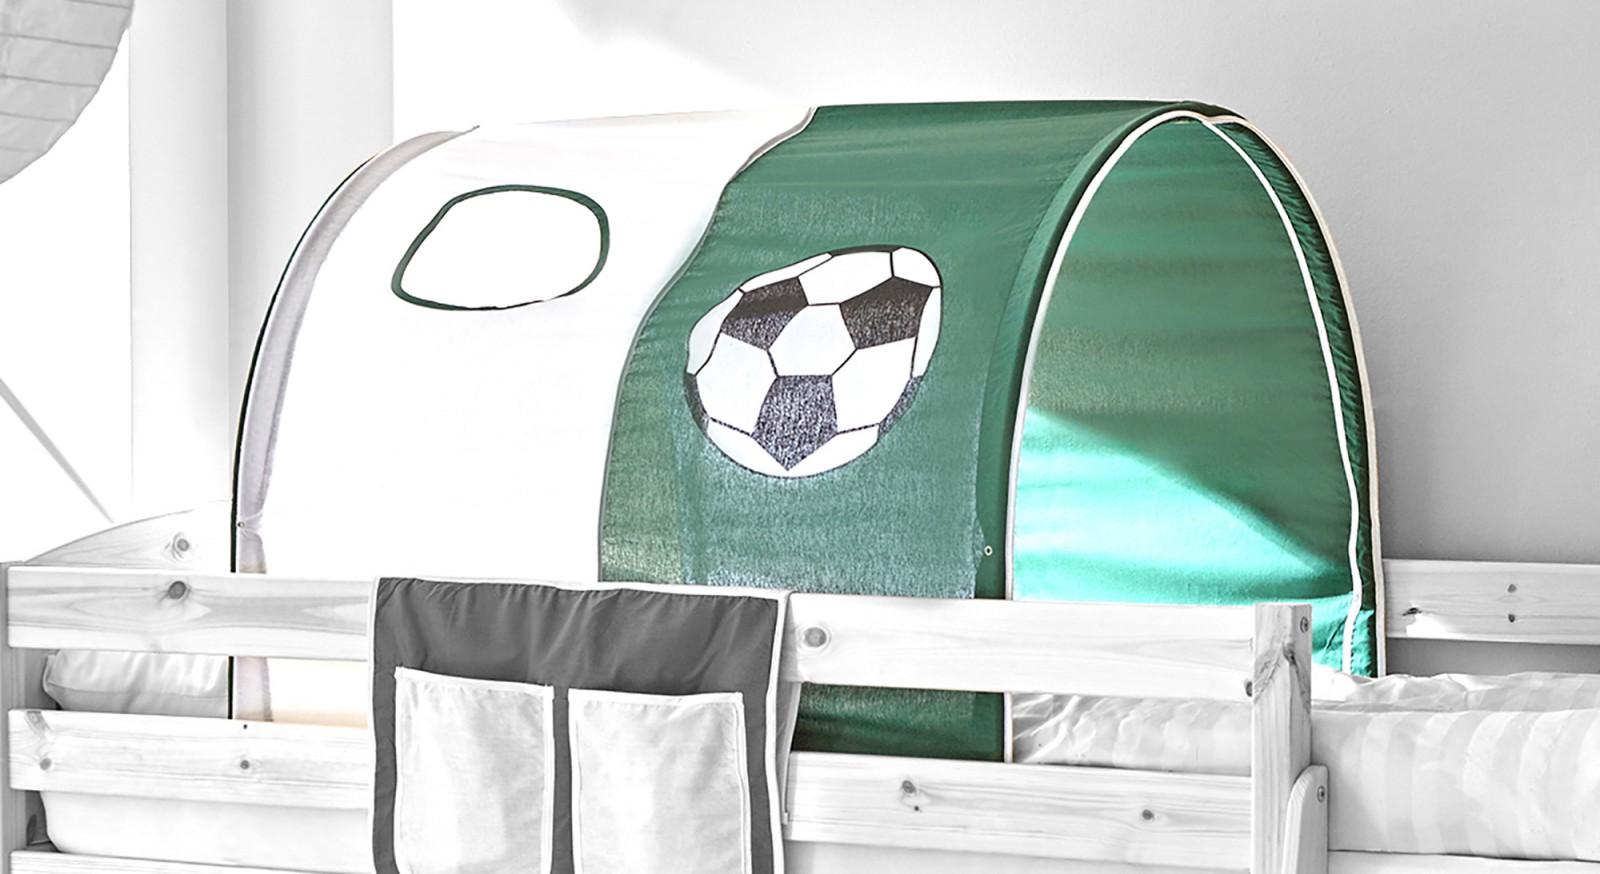 Tunnel für Hoch- und Etagenbetten  dunkelgrün-weiß (Goal)